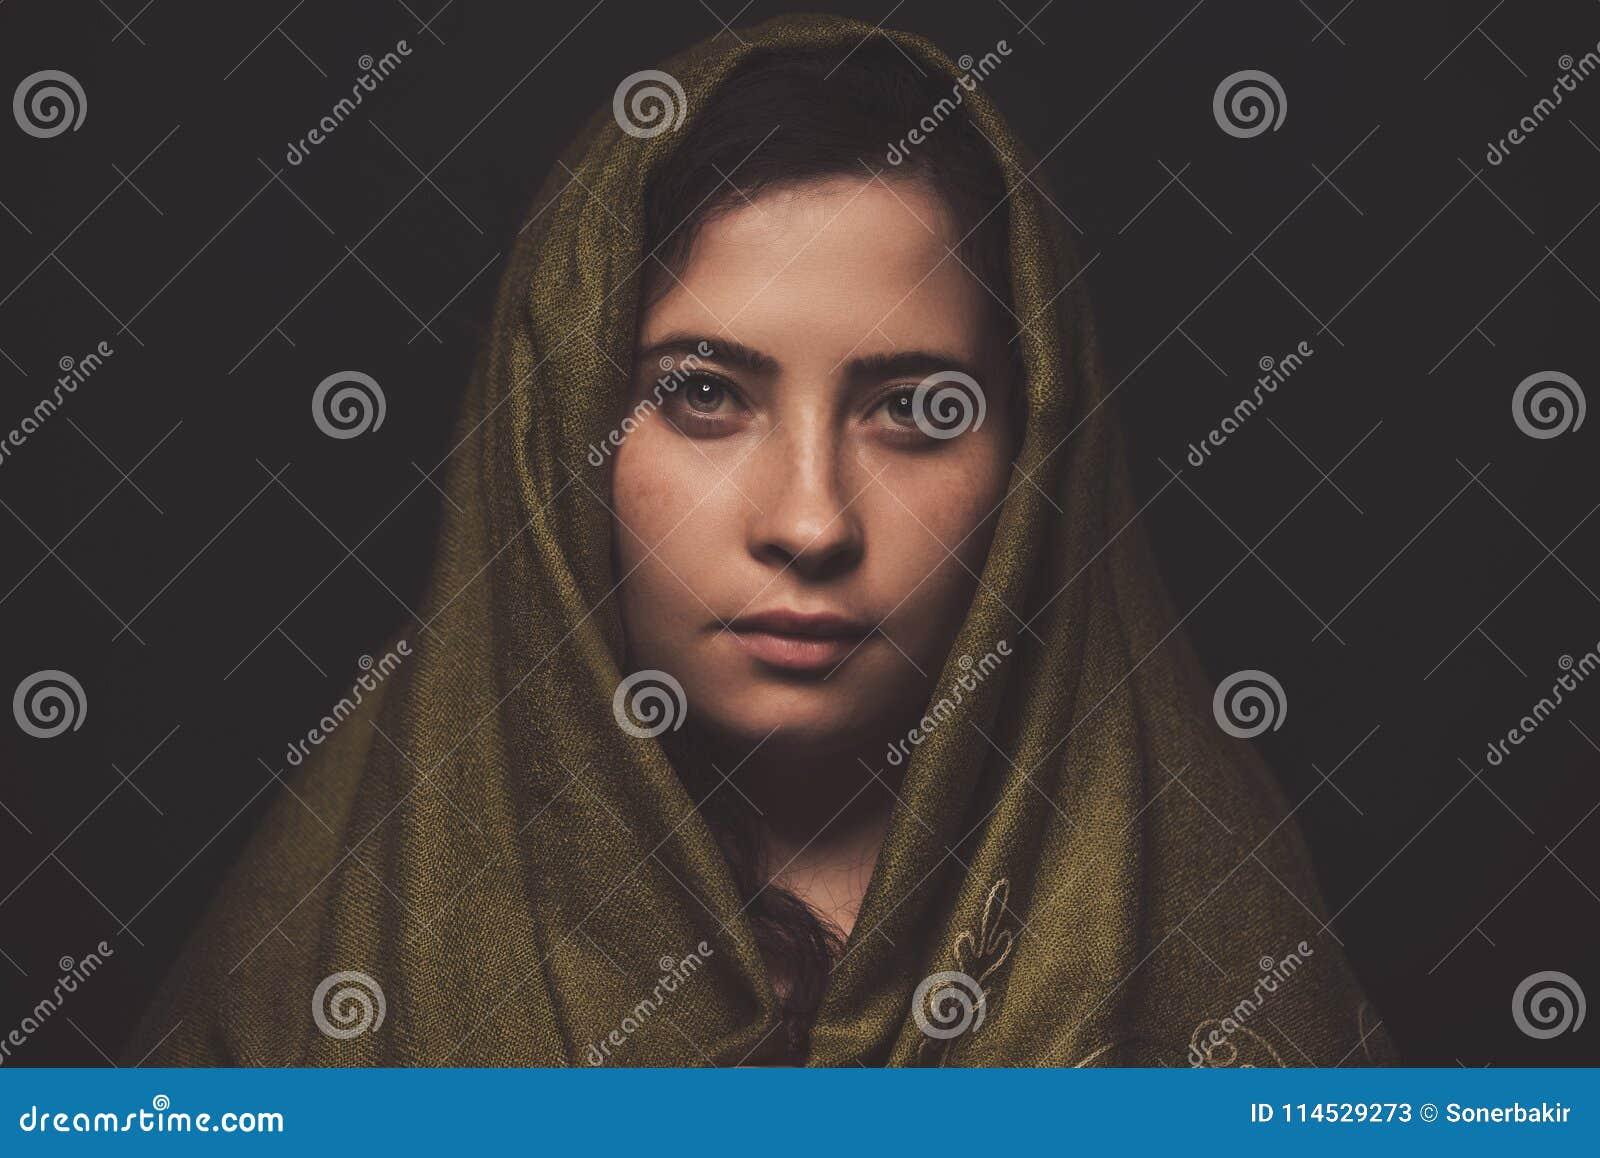 Όμορφο πορτρέτο γυναικών με το πράσινο μαντίλι πέρα από το κεφάλι της, πυροβολισμός στούντιο